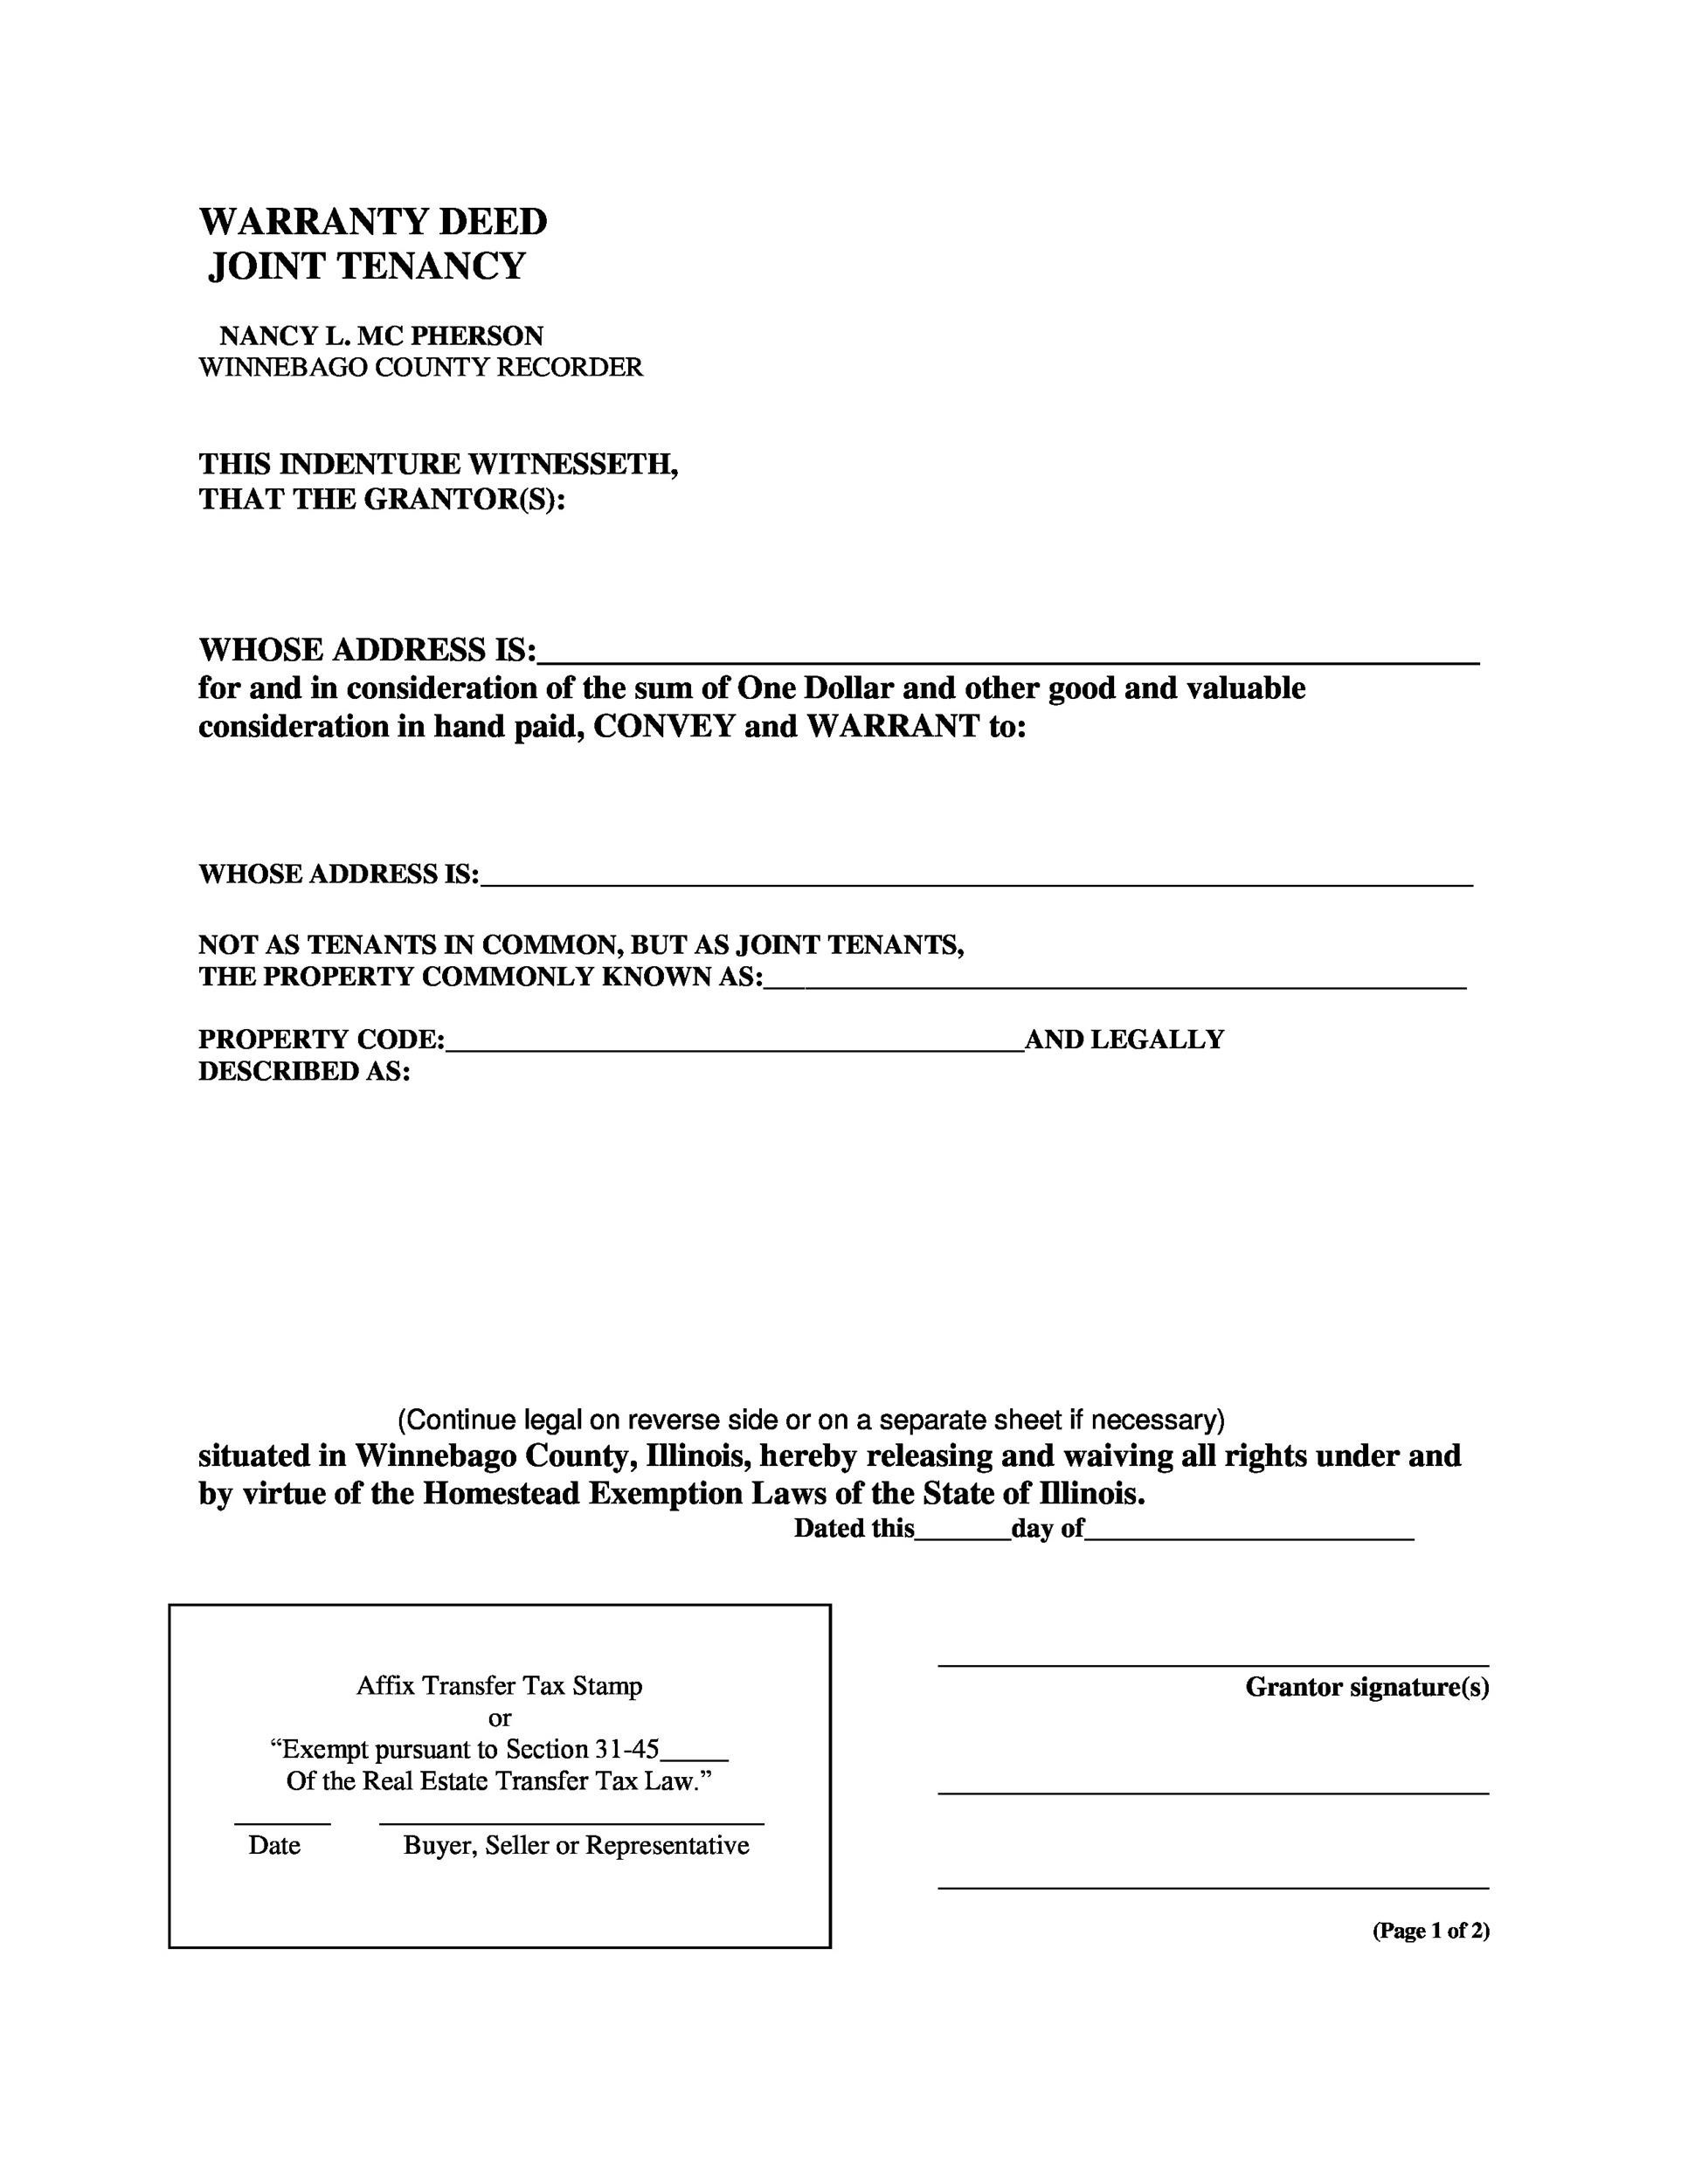 Free Warranty deed template 28